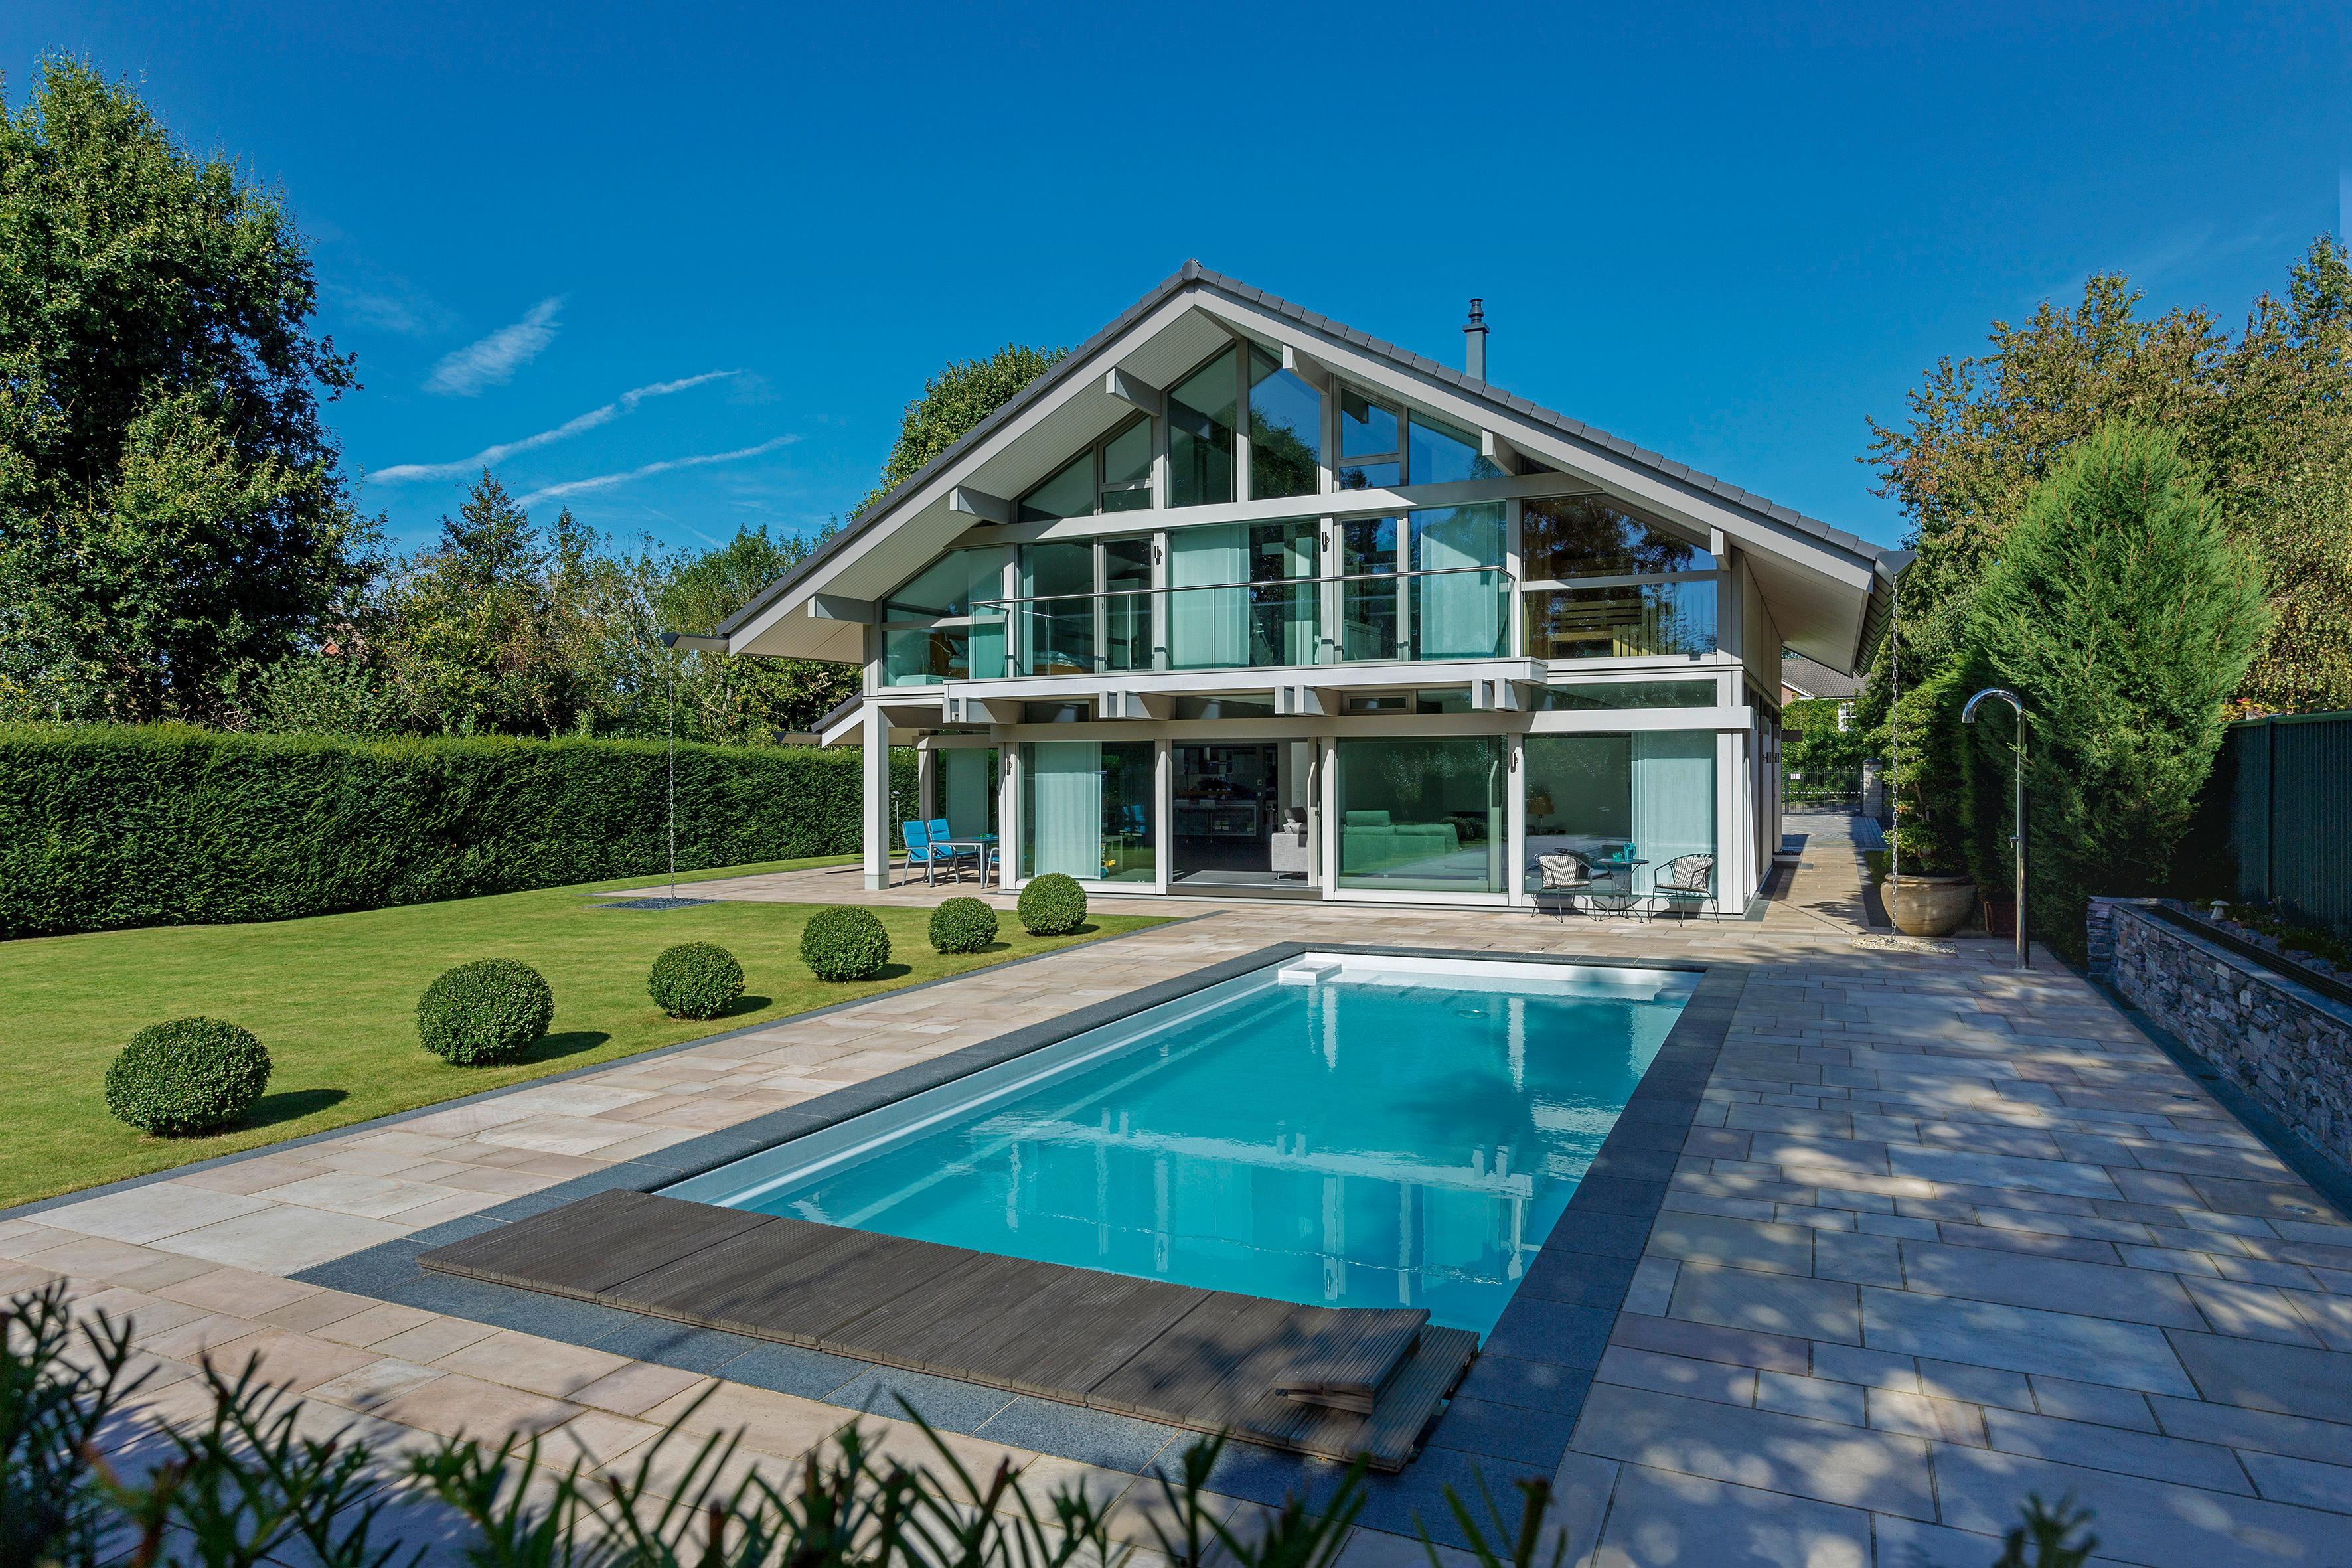 HUF HAUS mit Pool und Garten #fensterfront #pool #te...